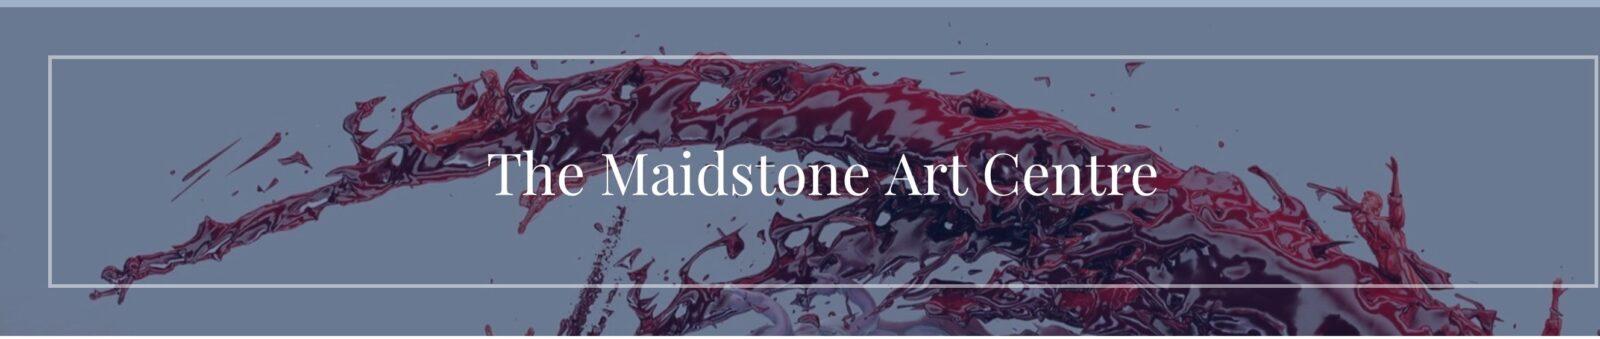 The Maidstone Art Centre